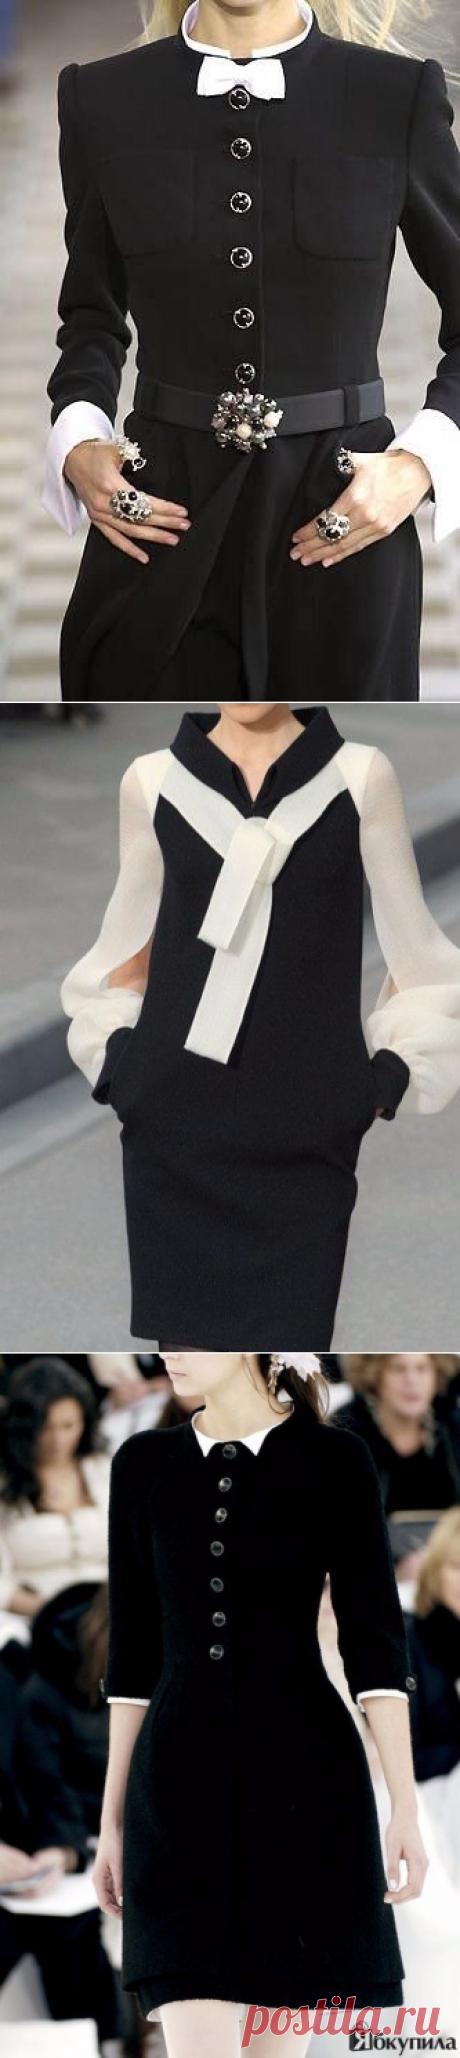 Стиль Chanel. Очень женственно и элегантно.